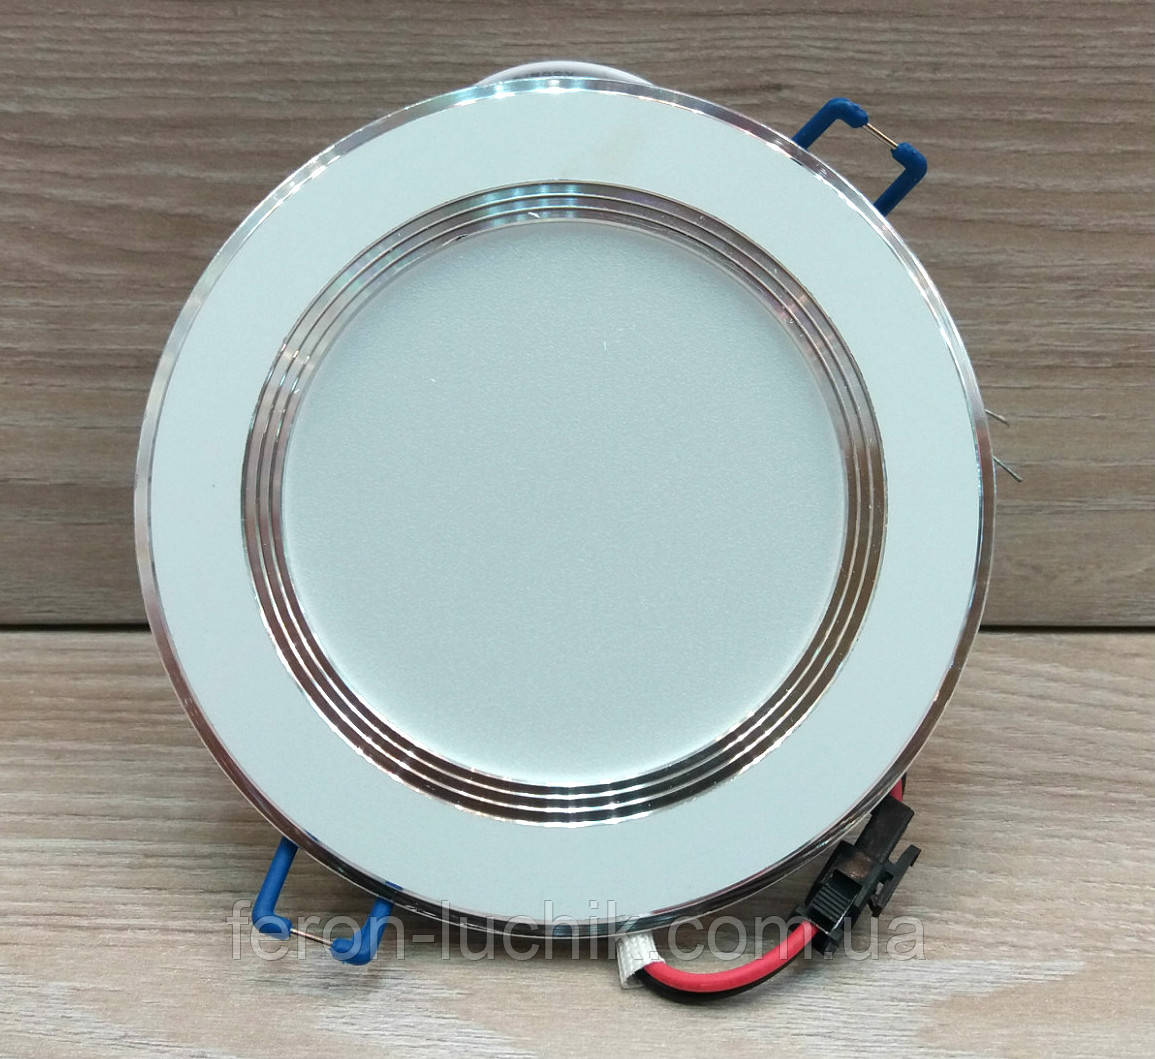 Светильник светодиодный Feron AL527 9W 4000K (LED панель) встраиваемый точечный